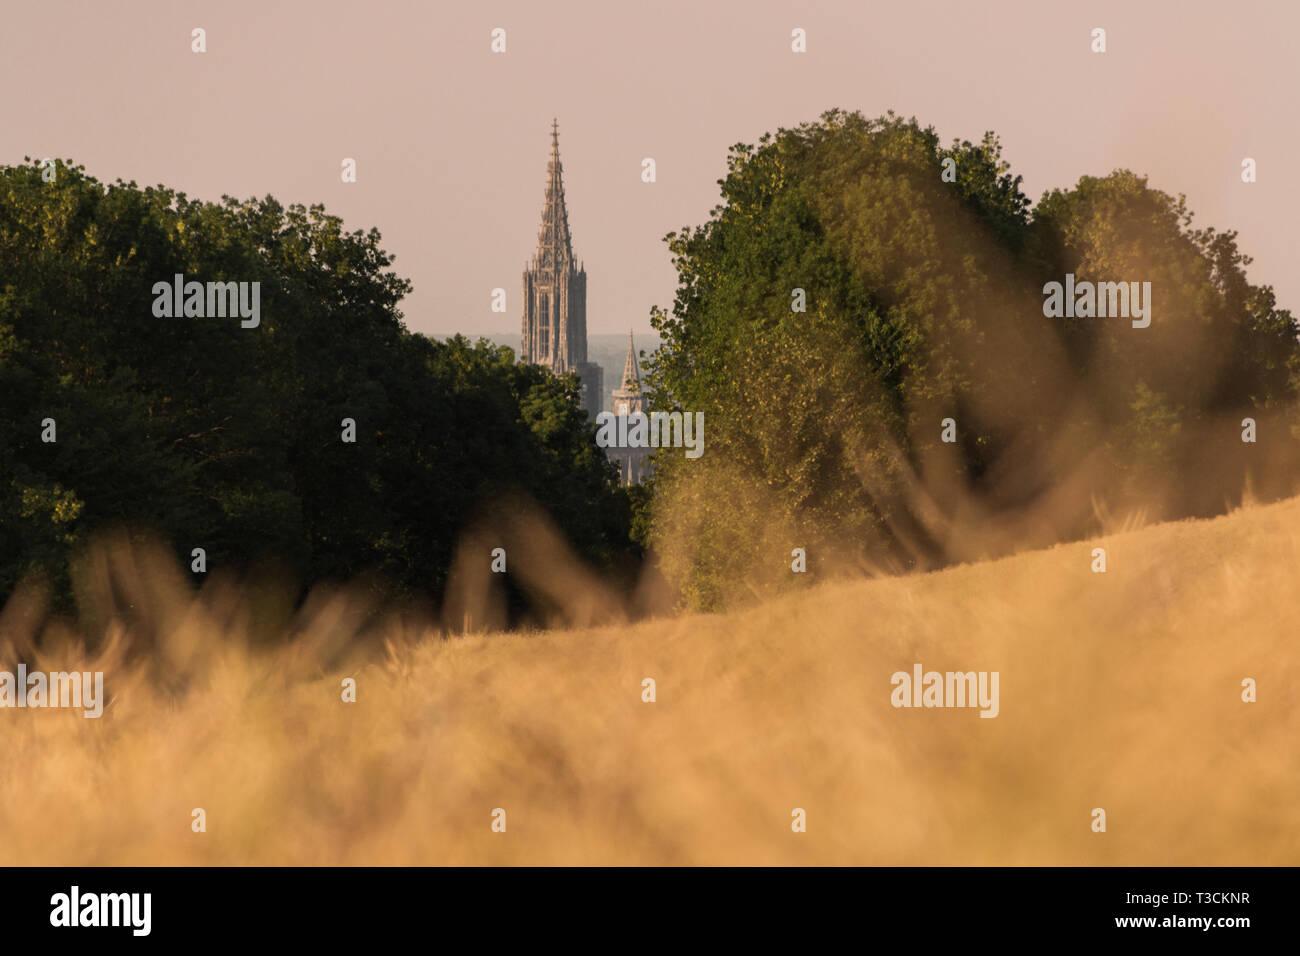 Un campo de trigo amarillo en el verano. La catedral de Ulm es visible en el fondo Foto de stock